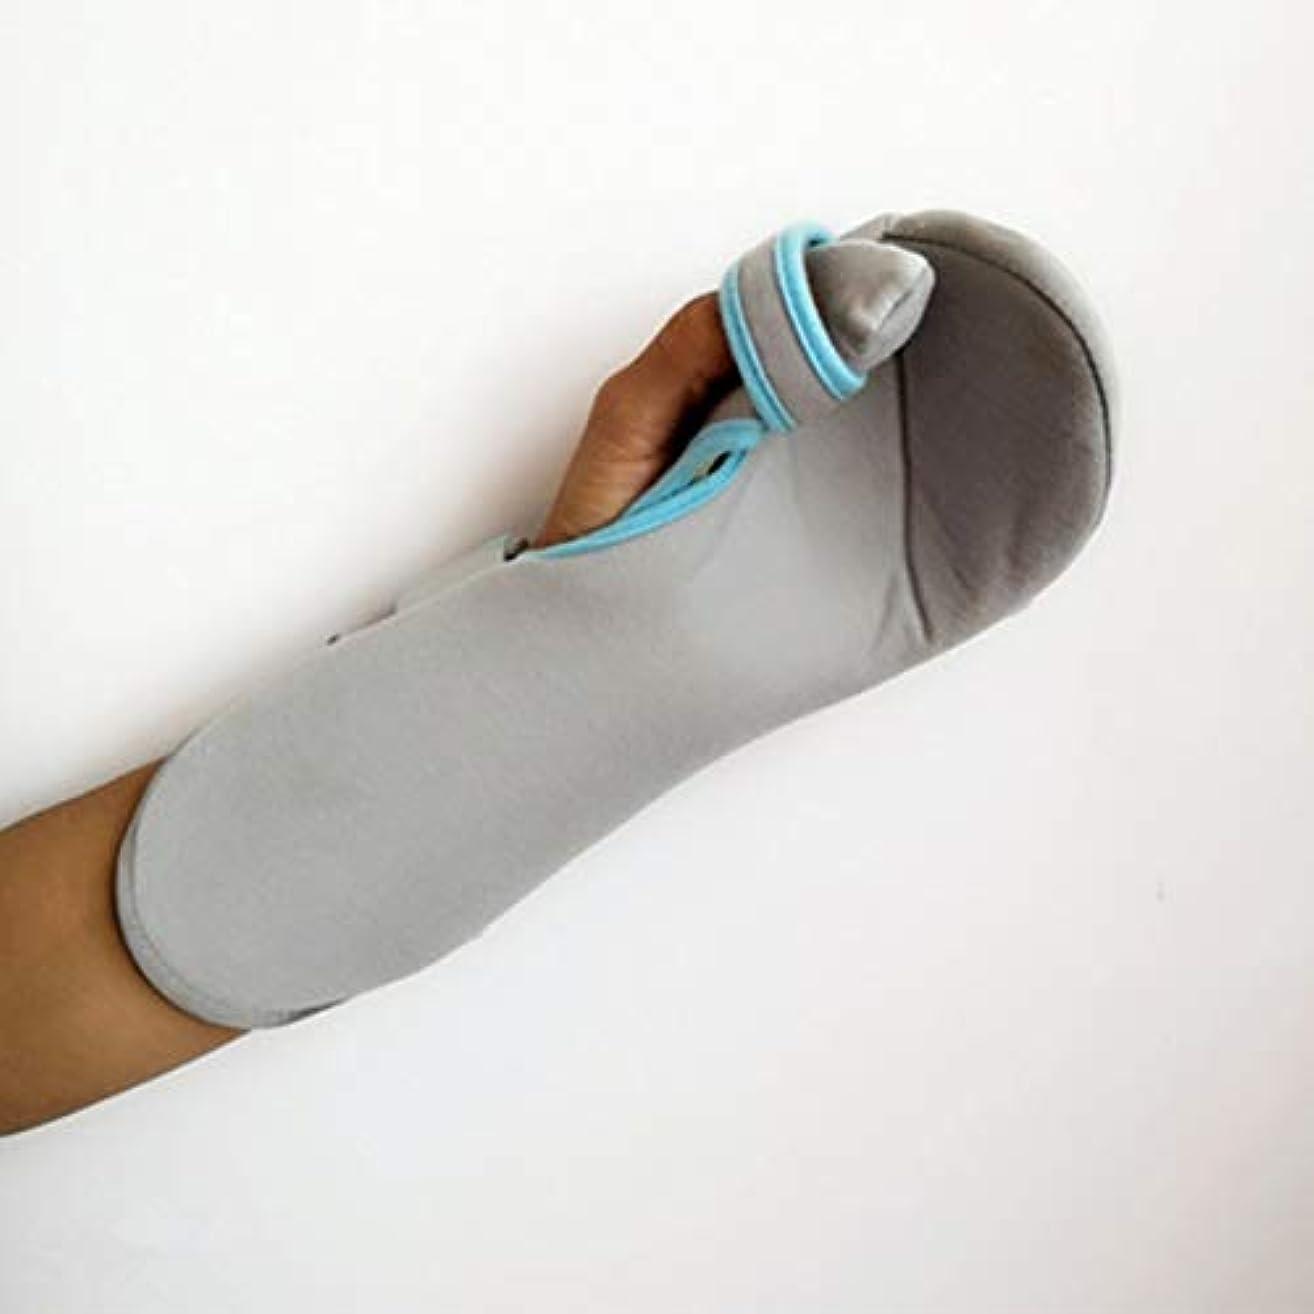 初期の勧めるカーフIntercorey通気性手首骨折固定ブレース骨折固定副木フィクスチャ用傷害維持ケア